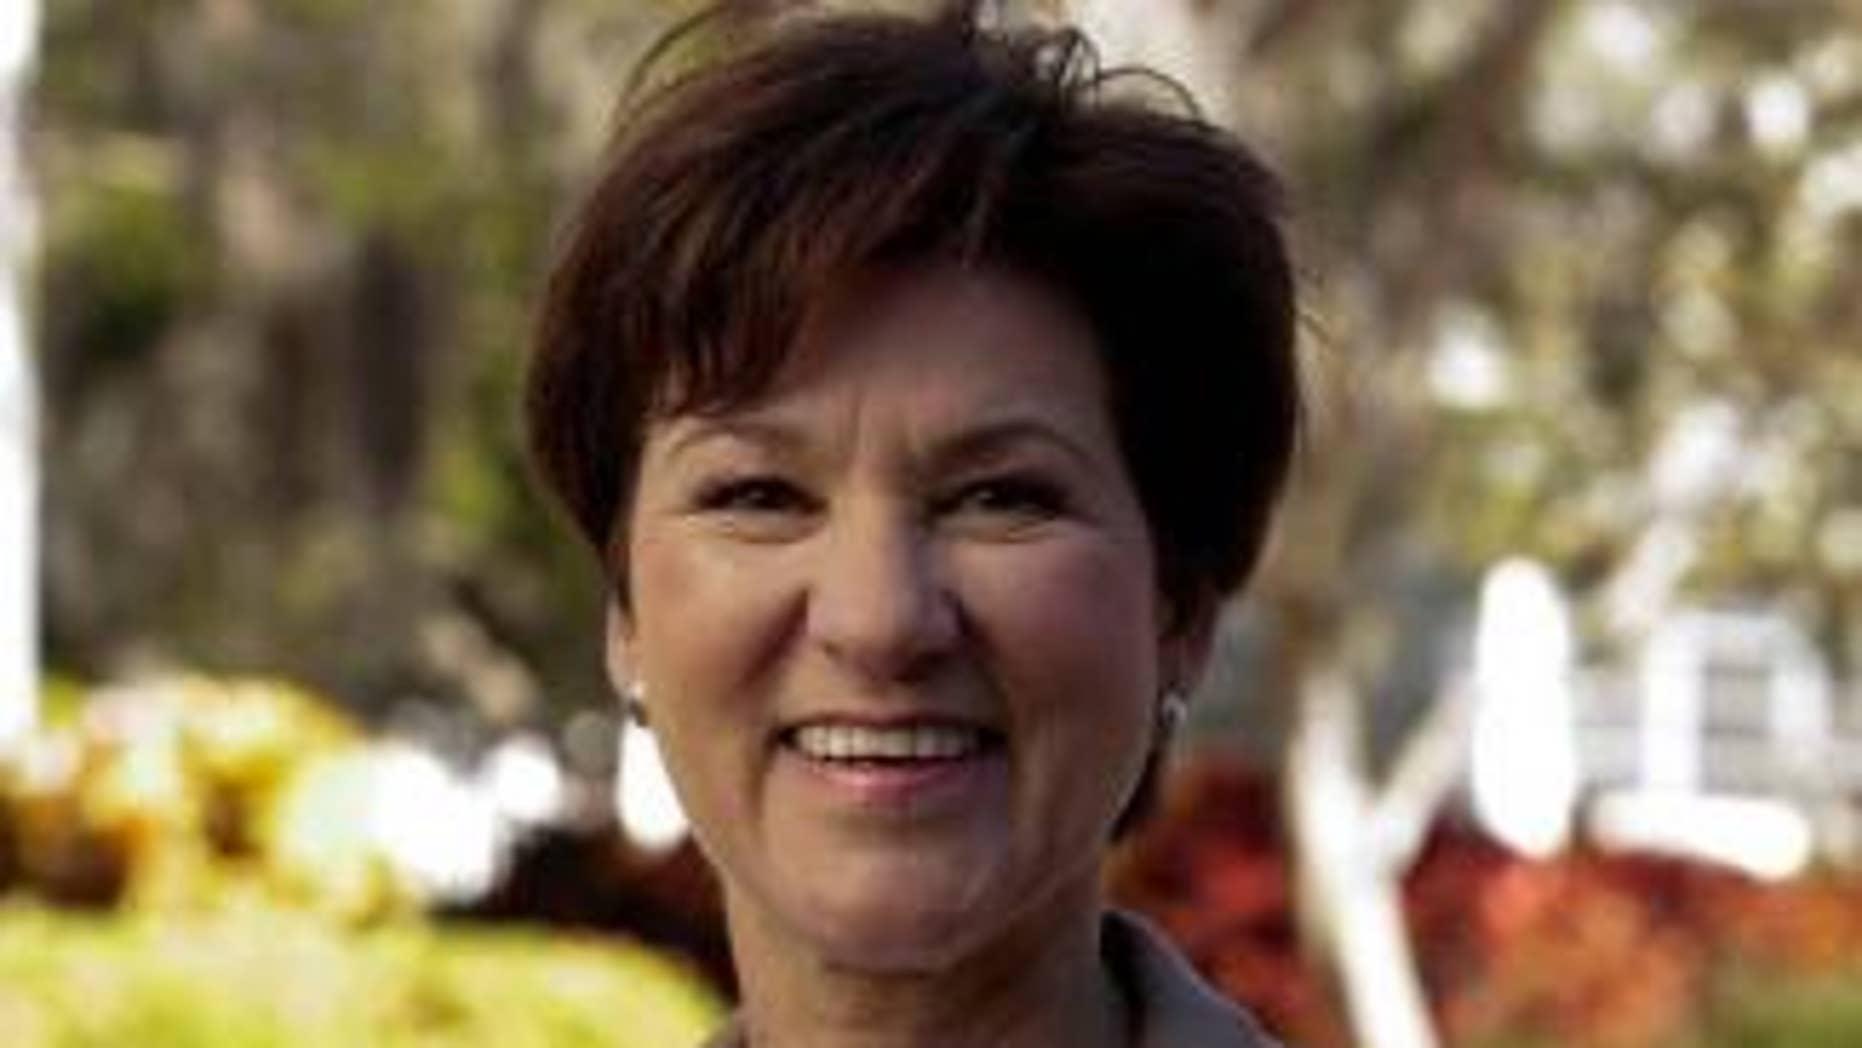 Democratic congressional candidate Alex Sink